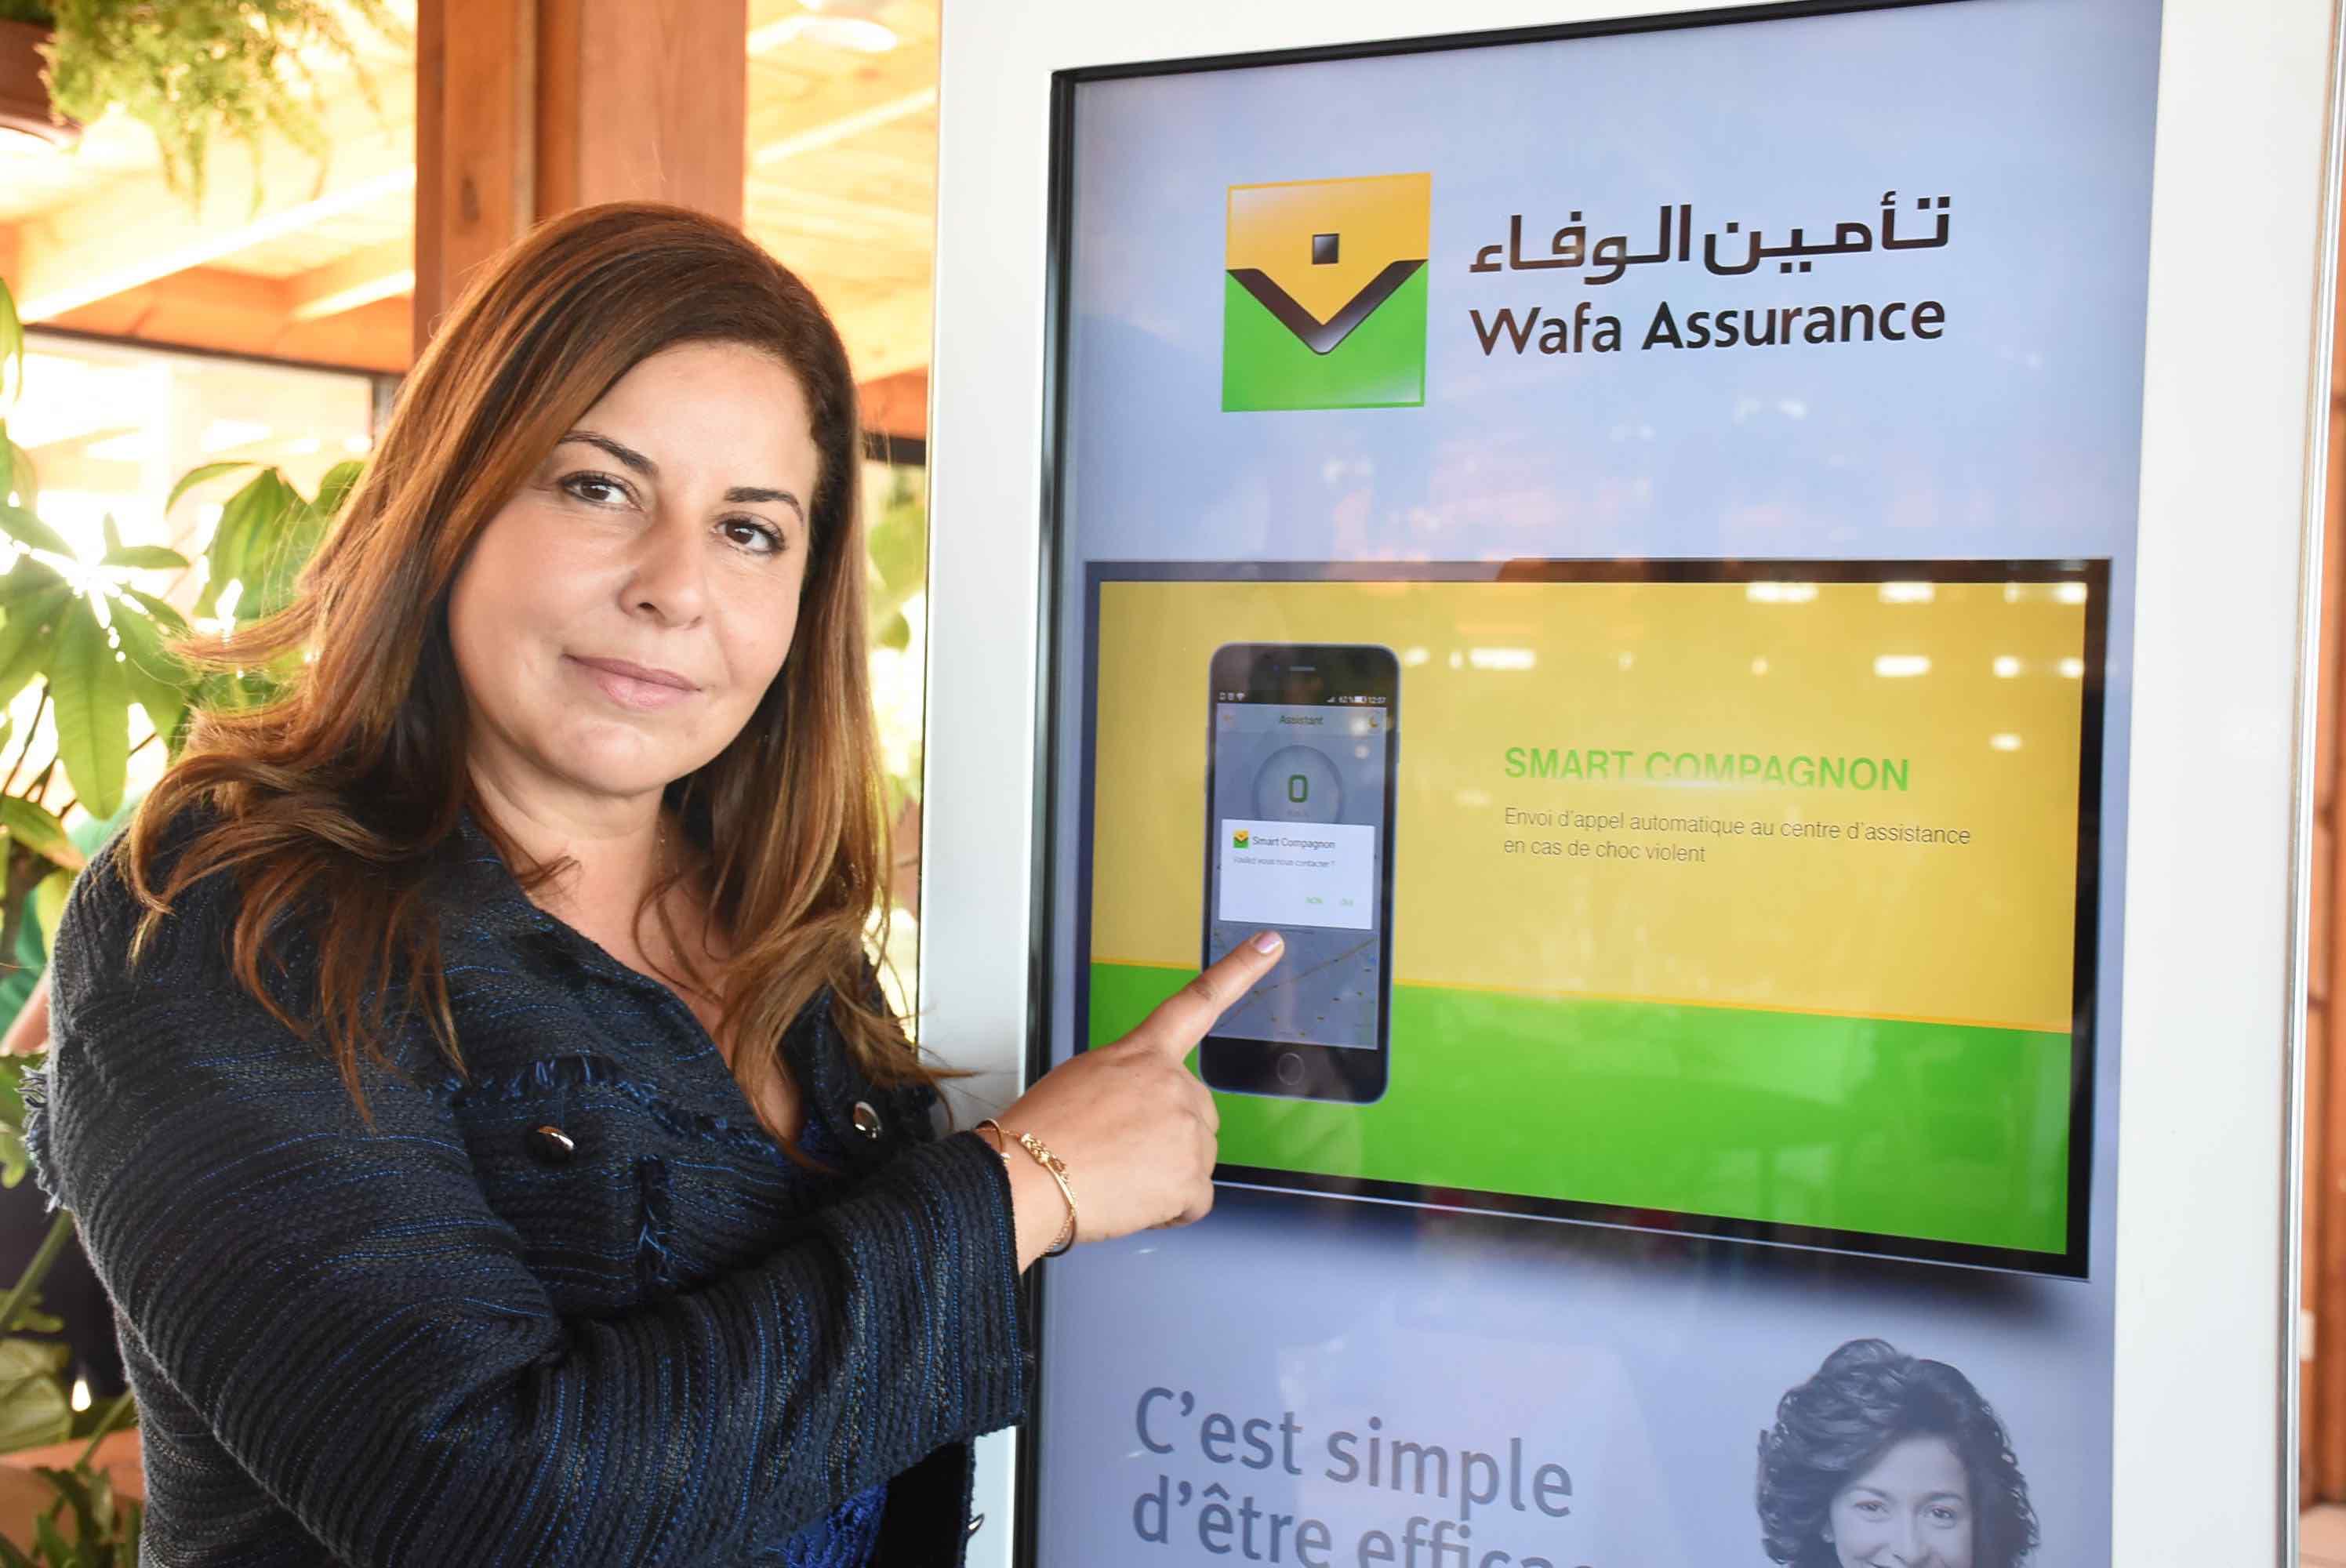 Wafa Assurance : Nouvelles fonctionnalités de l'application mobile MyWafa